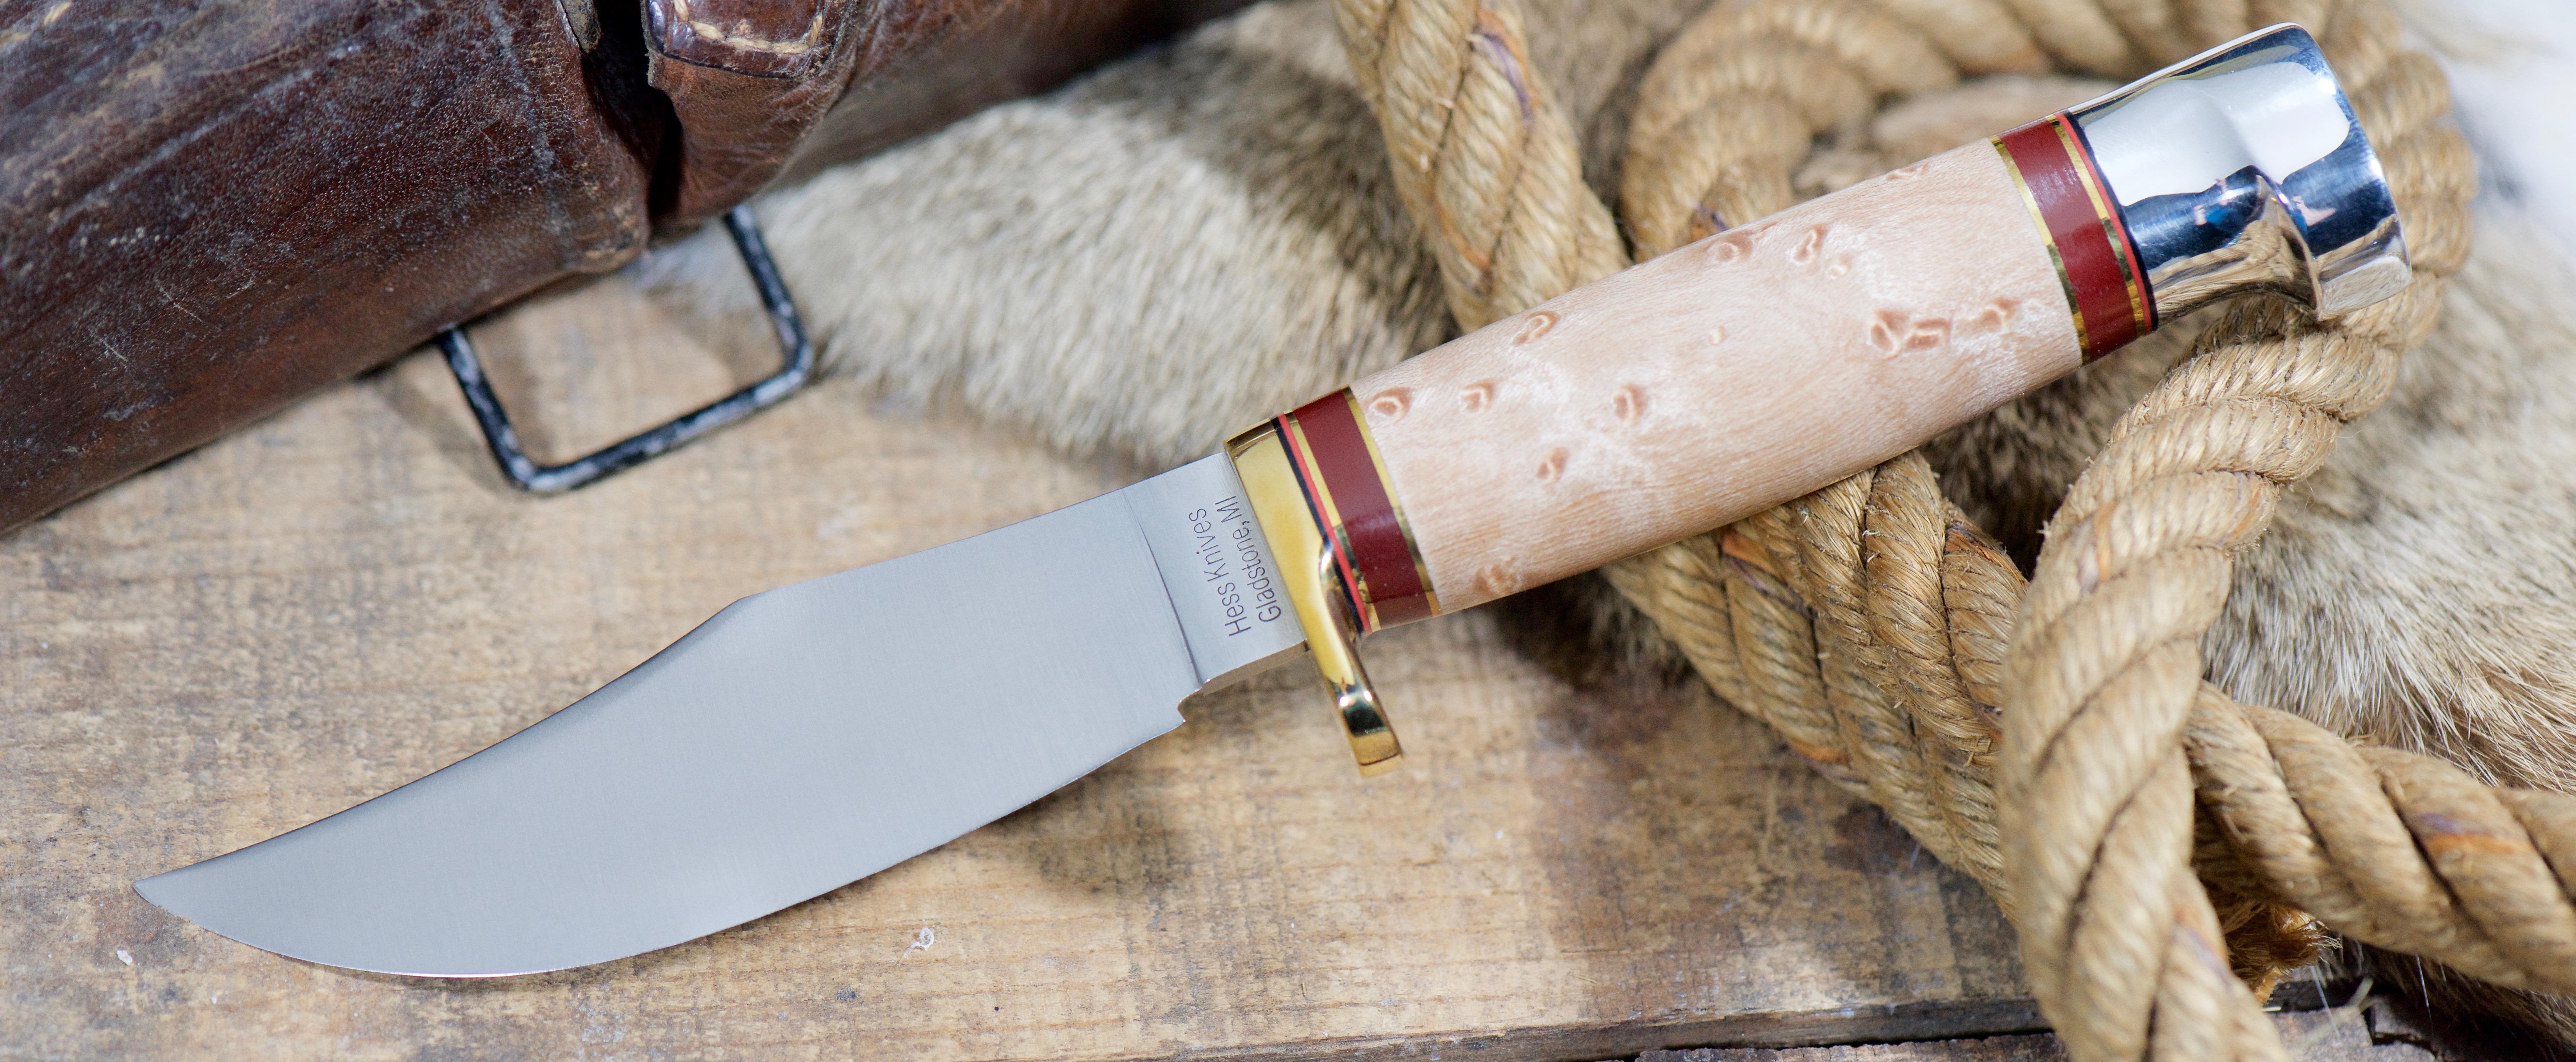 Hess Knives - Pioneer